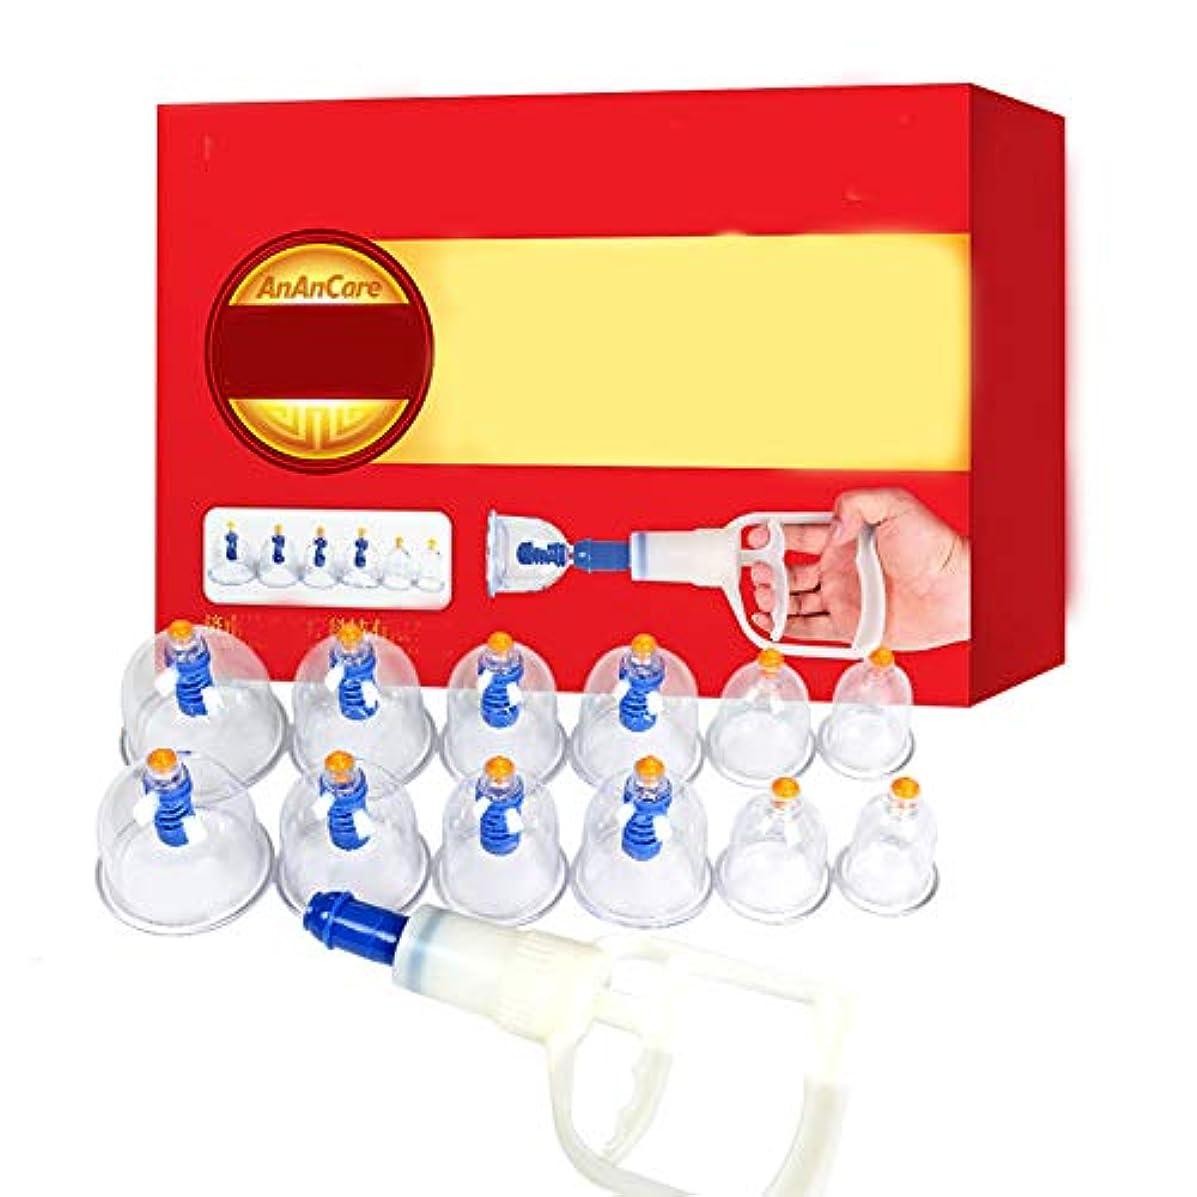 考えデザイナー床を掃除する12カップマッサージカッピングセット、真空吸引磁気ポンププロフェッショナル、ボディマッサージの痛みを軽減する理学療法ポンプガン延長チューブで毒素を排出